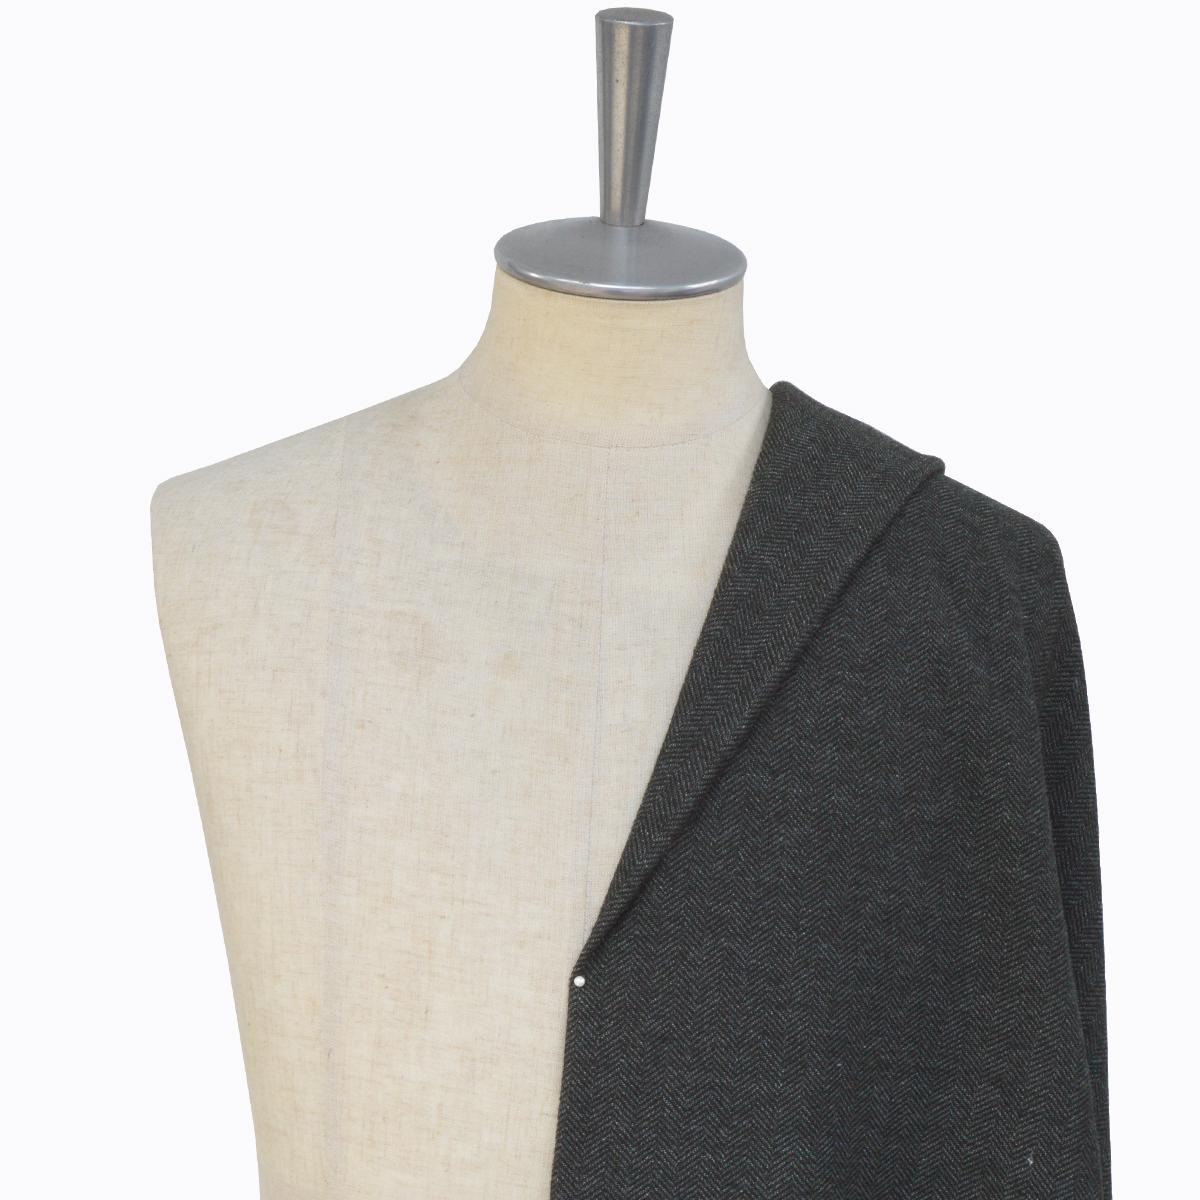 [オーダースーツ]ストレッチが効いた柔らかい着心地が魅力の一着!